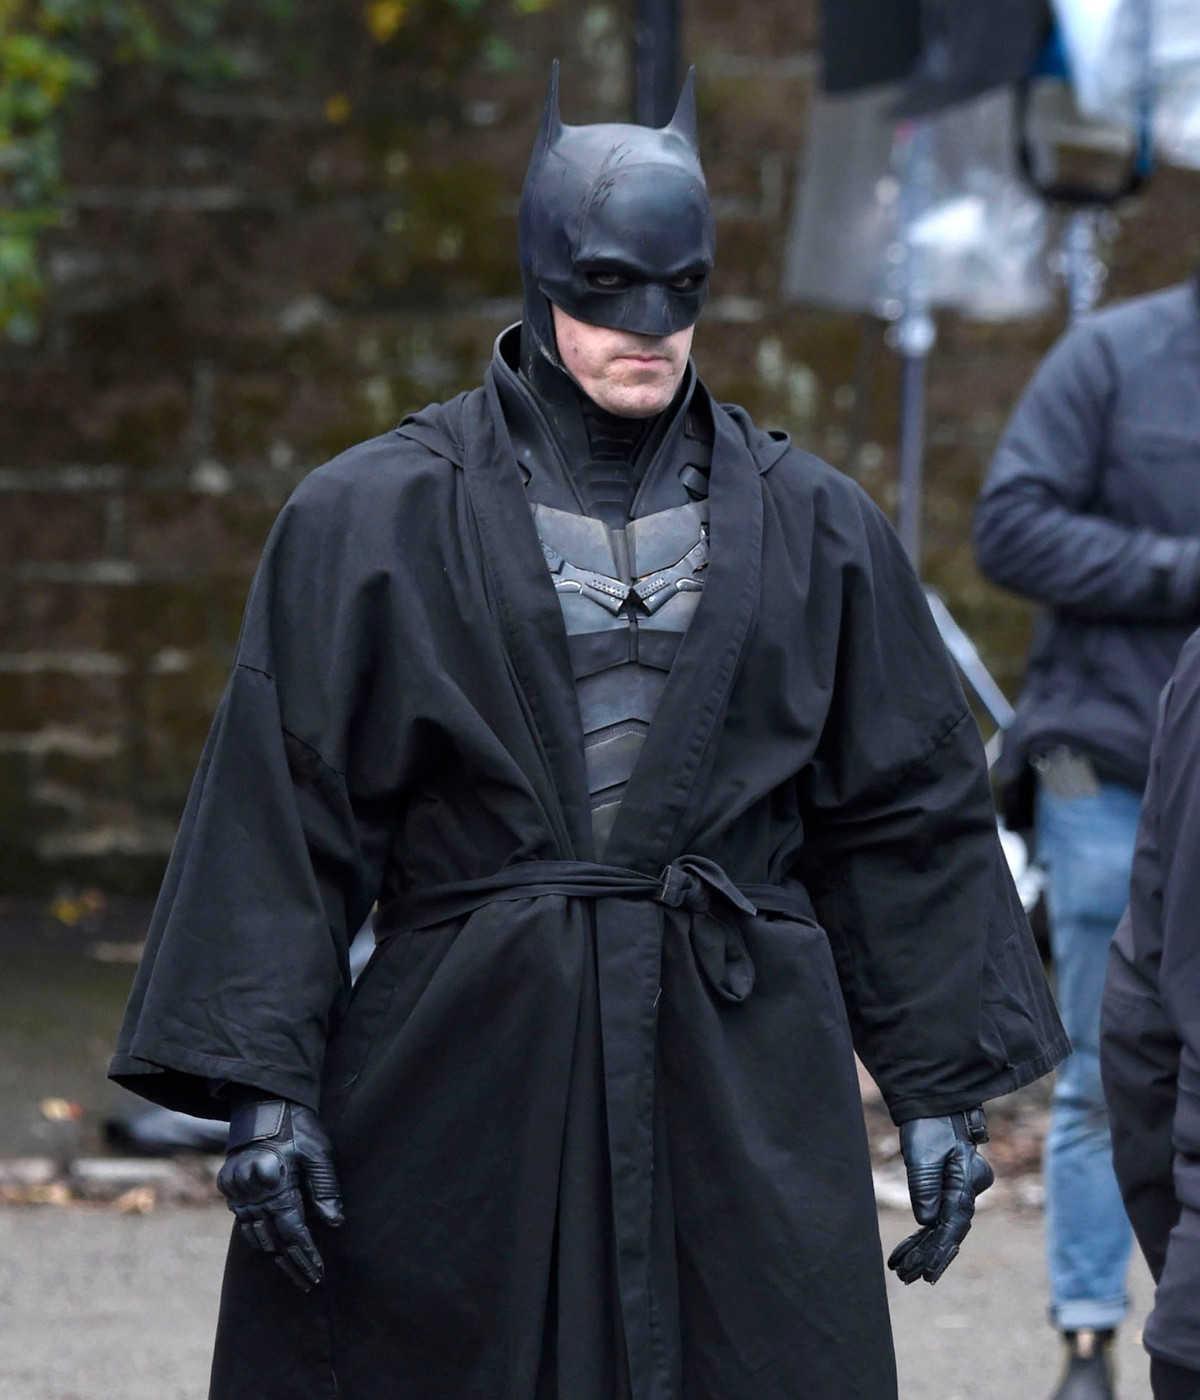 新バットマンの撮影現場を再びキャッチ! ロバート・パティンソンの姿も確認!